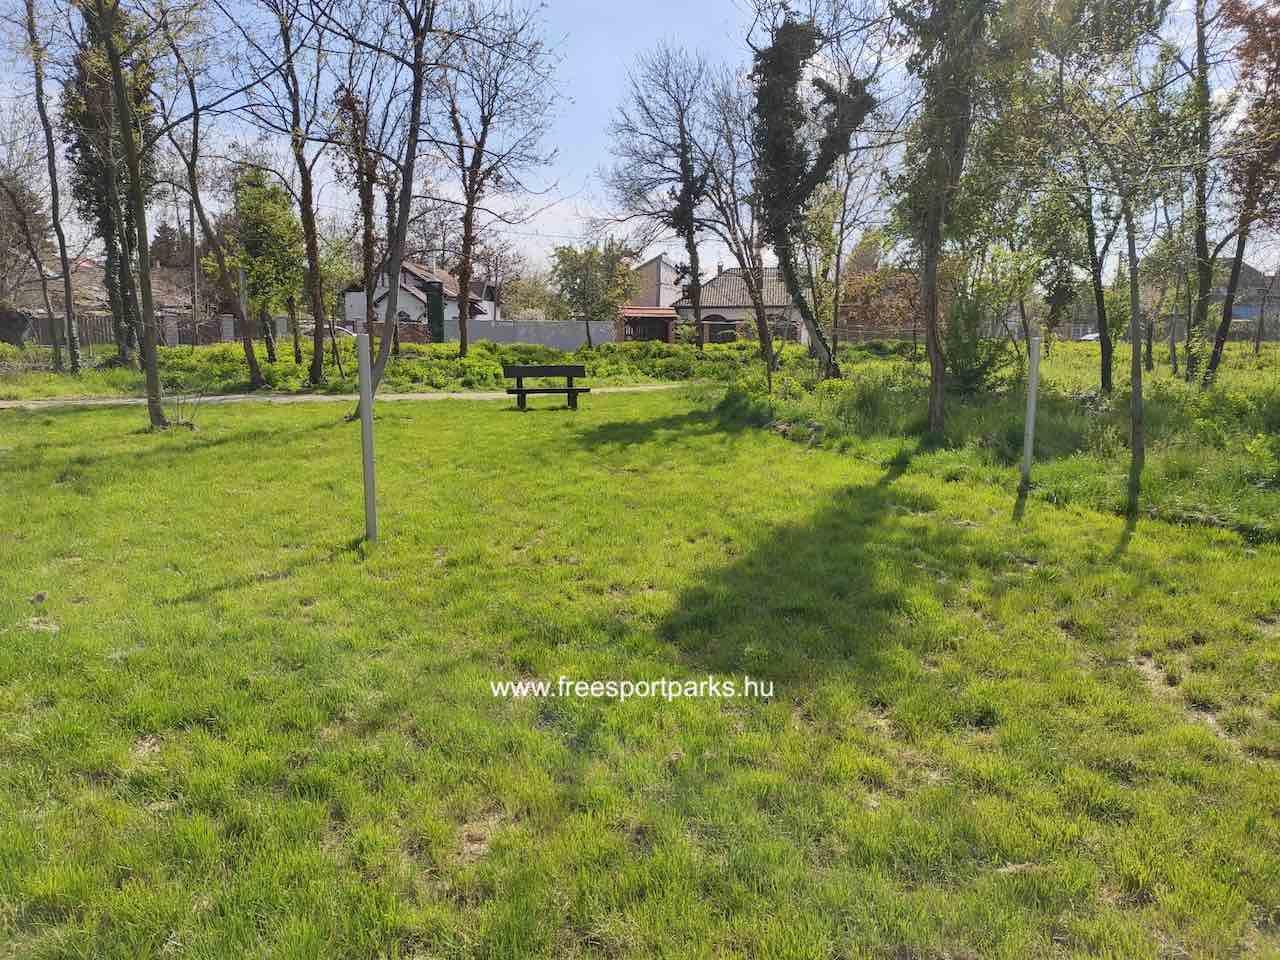 Kúttói parkerdő tollaslabda pálya füves talajjal - Free Sport Parks térkép